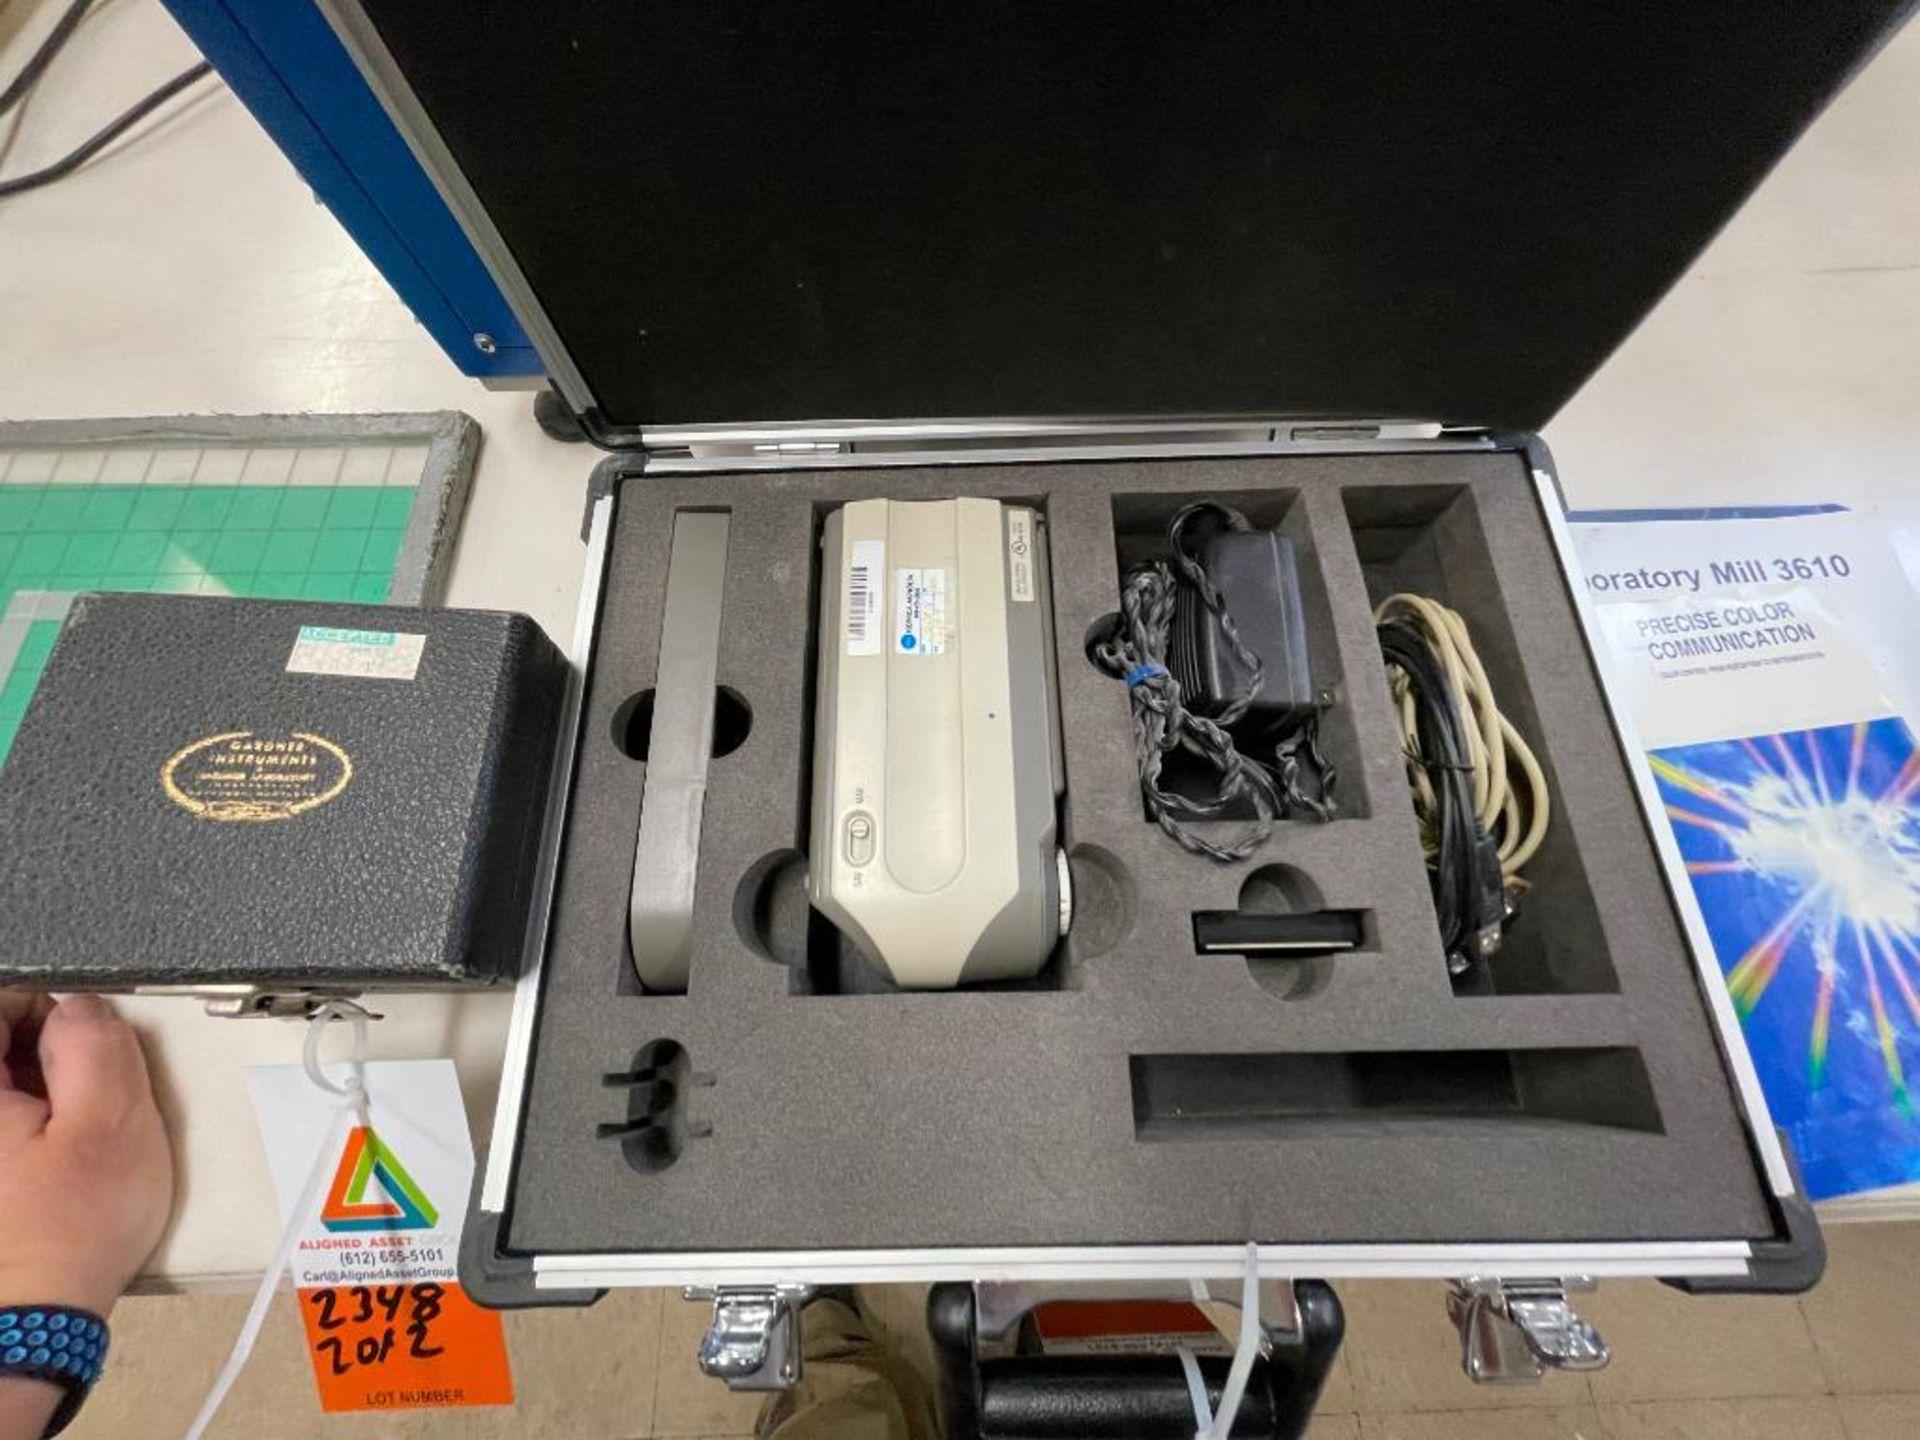 Konica colorimeter - Image 4 of 7